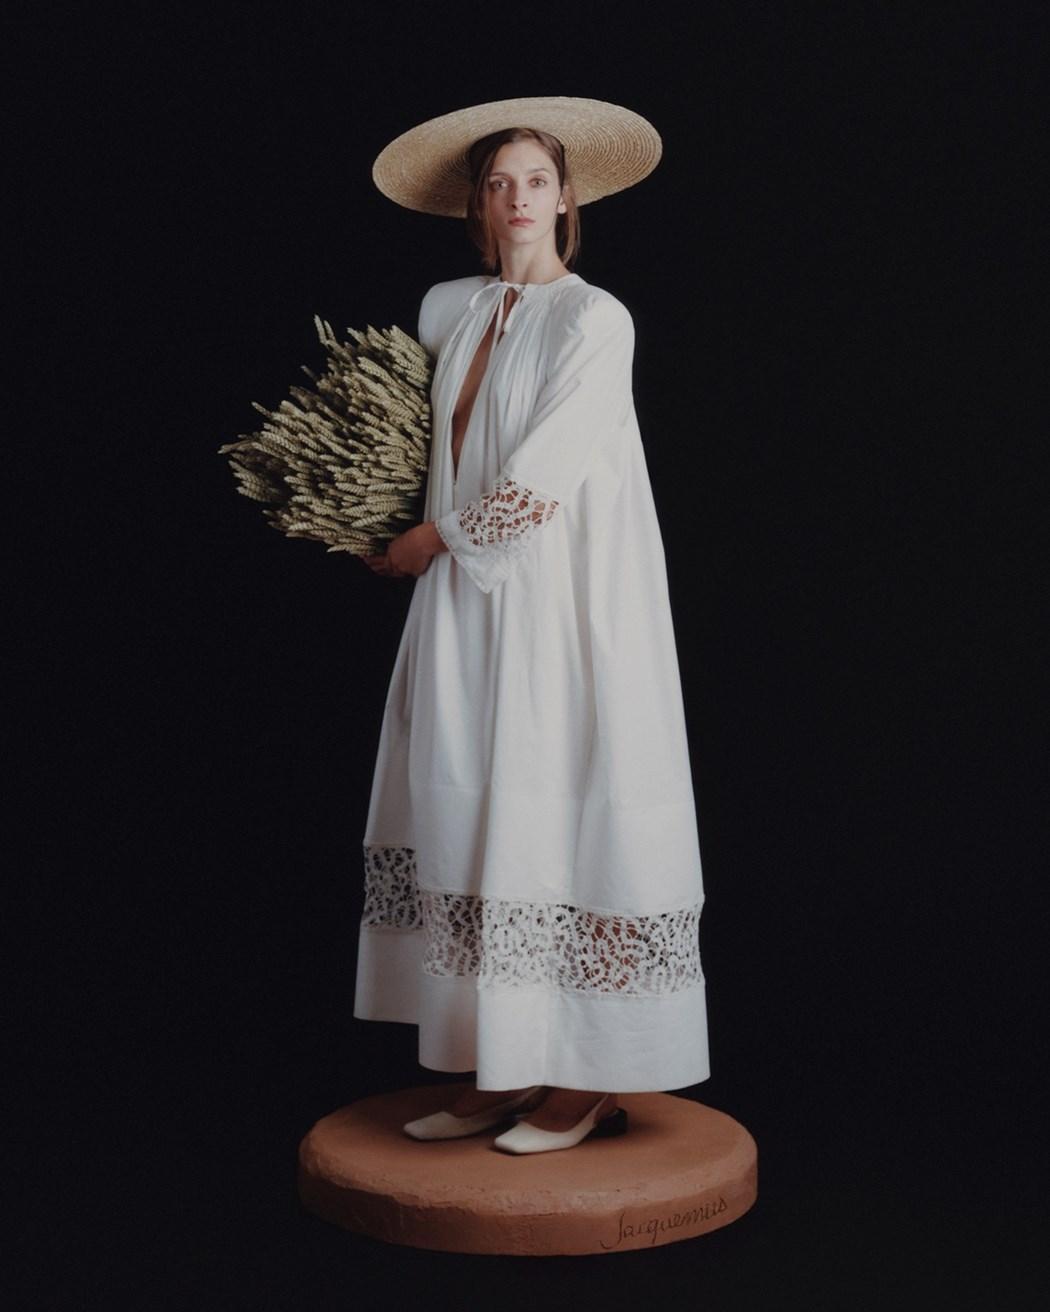 La Femme au Blé (The Woman with Wheat) Photography David Luraschi, artistic direction Simon Porte Jacquemus